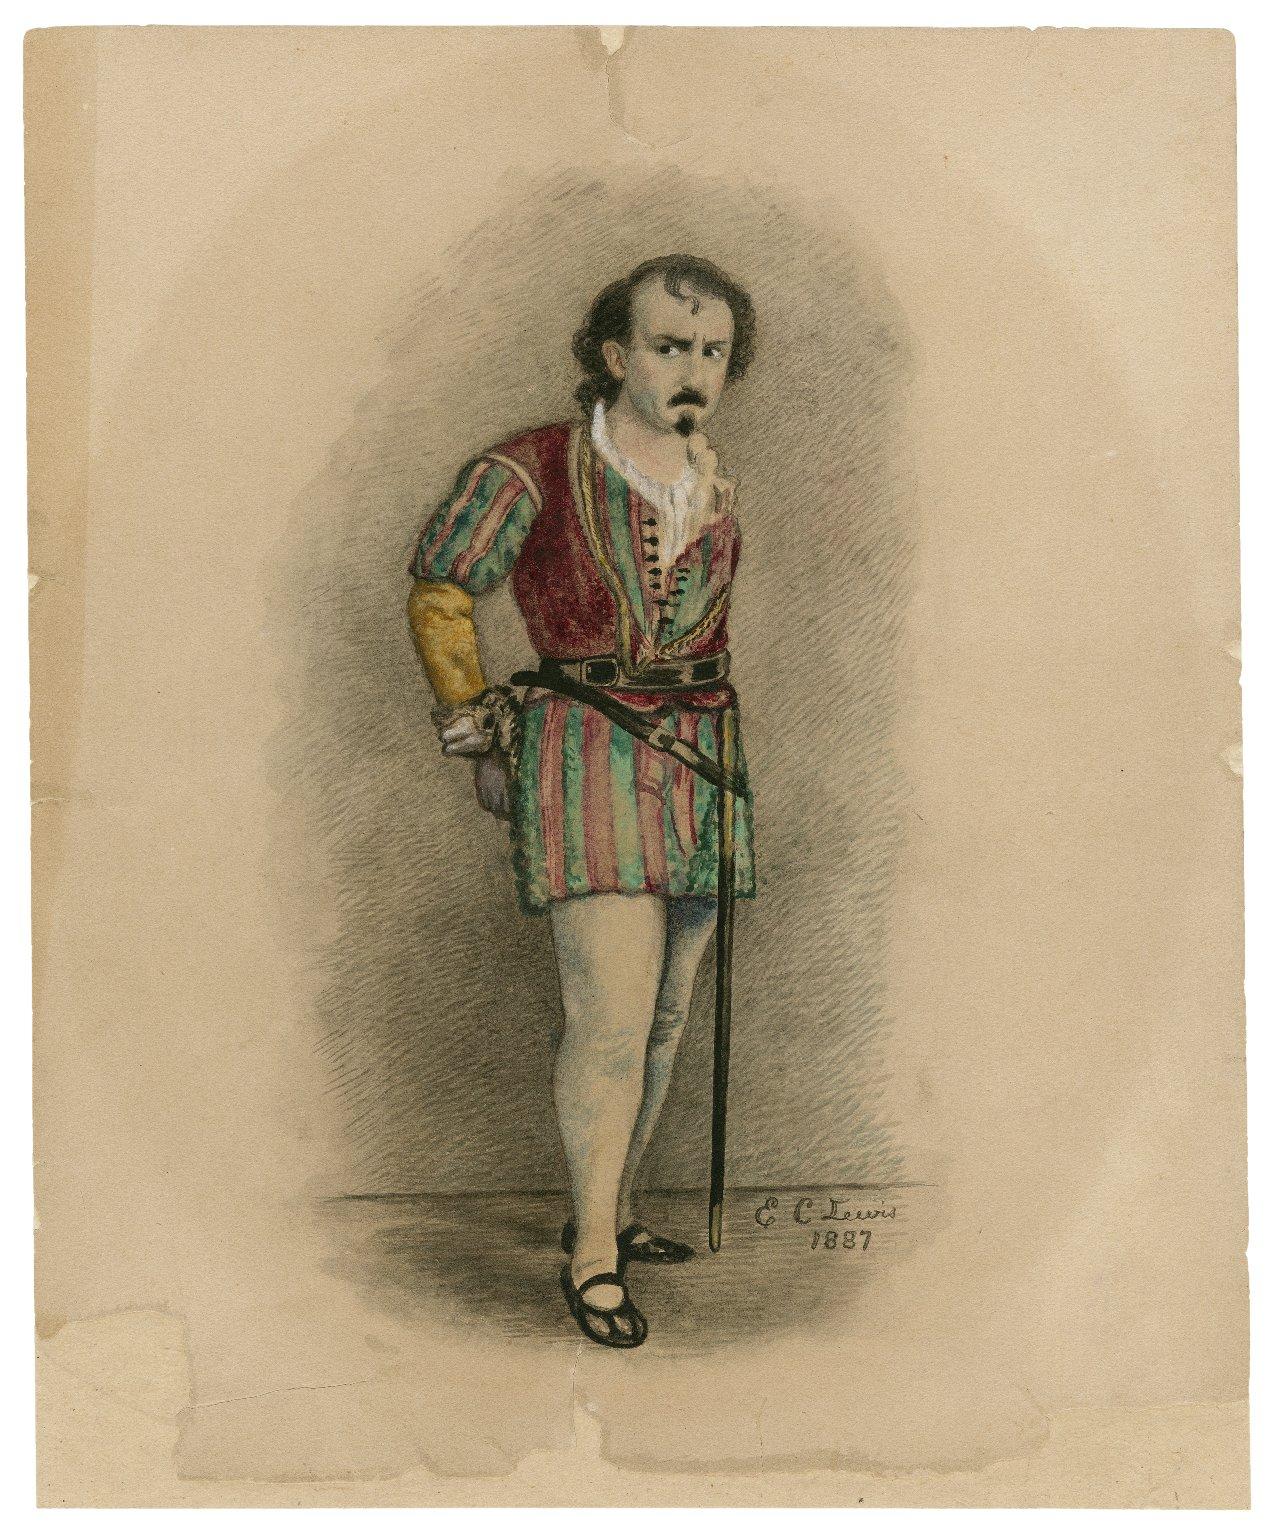 [Edwin Booth as Iago] [graphic] / E.C. Lewis.